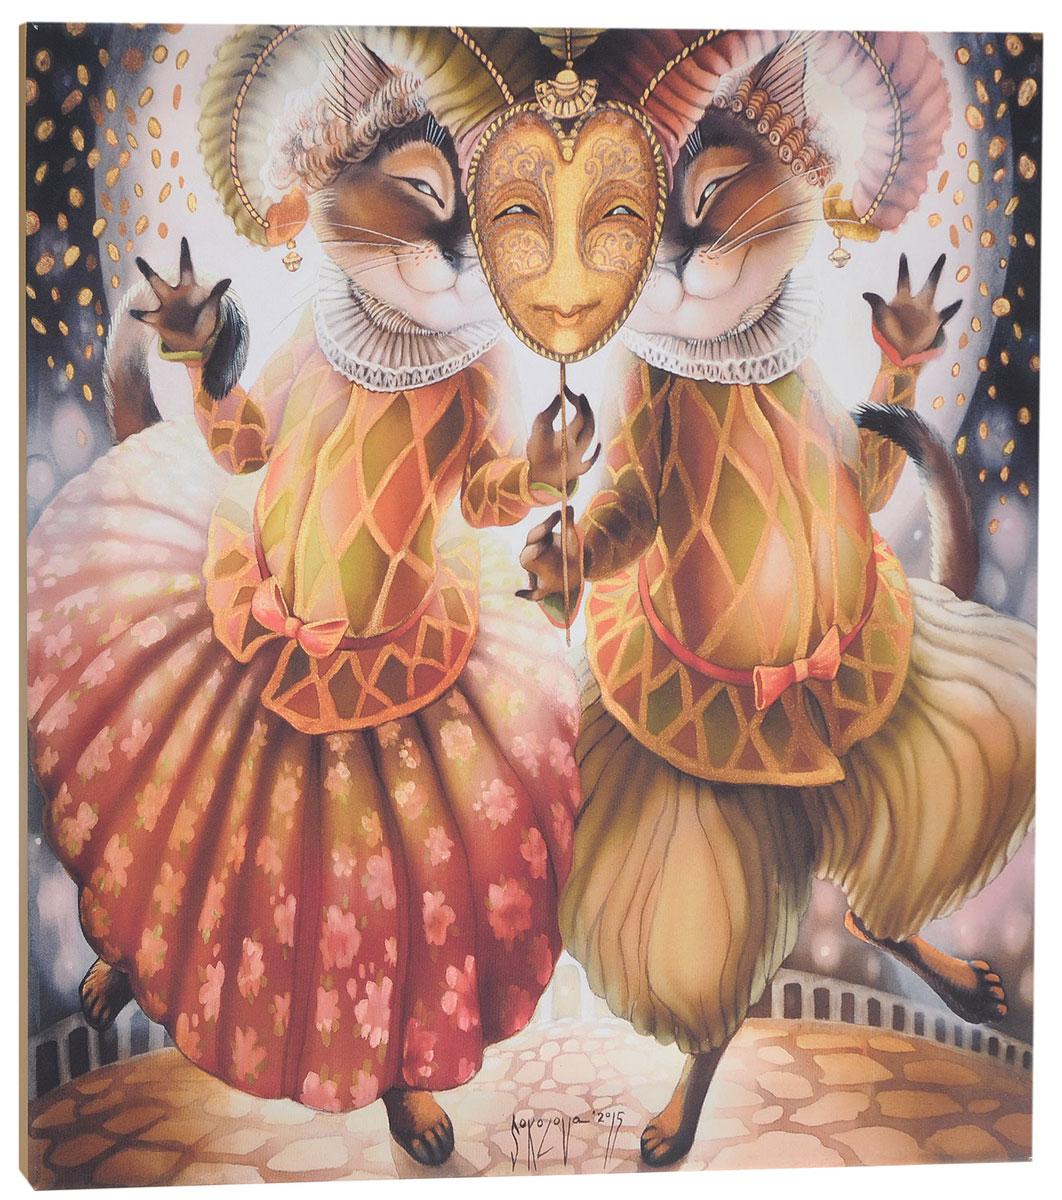 КвикДекор Картина детская БлизнецыAP-00873-00089-Cn5050Картина КвикДекор Близнецы - это прекрасное украшение для вашей гостиной, детской или спальни. Она привнесет в интерьер яркий акцент и сделает обстановку комфортной и уютной.Автор картины - Надежда Соколова - родилась в 1973 году в городе Дрездене. В 1986-1990 годах училась в Художественной школе города Новгорода. В 1995 году окончила с отличием рекламное отделение Новгородского училища культуры. В 2000 году защитила диплом на факультете Искусств и Технологий НовГУ имени Ярослава Мудрого. Выставляется с 1996 года. Работает в техниках: живопись, графика, батик, лаковая миниатюра, авторская кукла. Является автором оригинального стиля в миниатюре.Изделие представляет собой картину с латексной печатью на натуральном хлопчатобумажном холсте. Галерейная натяжка на деревянный подрамник выполнена очень аккуратно, а боковые части картины запечатаны тоновой заливкой. Обратная сторона подрамника содержит отверстие, благодаря которому картину можно легко закрепить на стене и подкорректировать ее положение.Картина Близнецы - это отличный подарок и красивое интерьерное украшение!